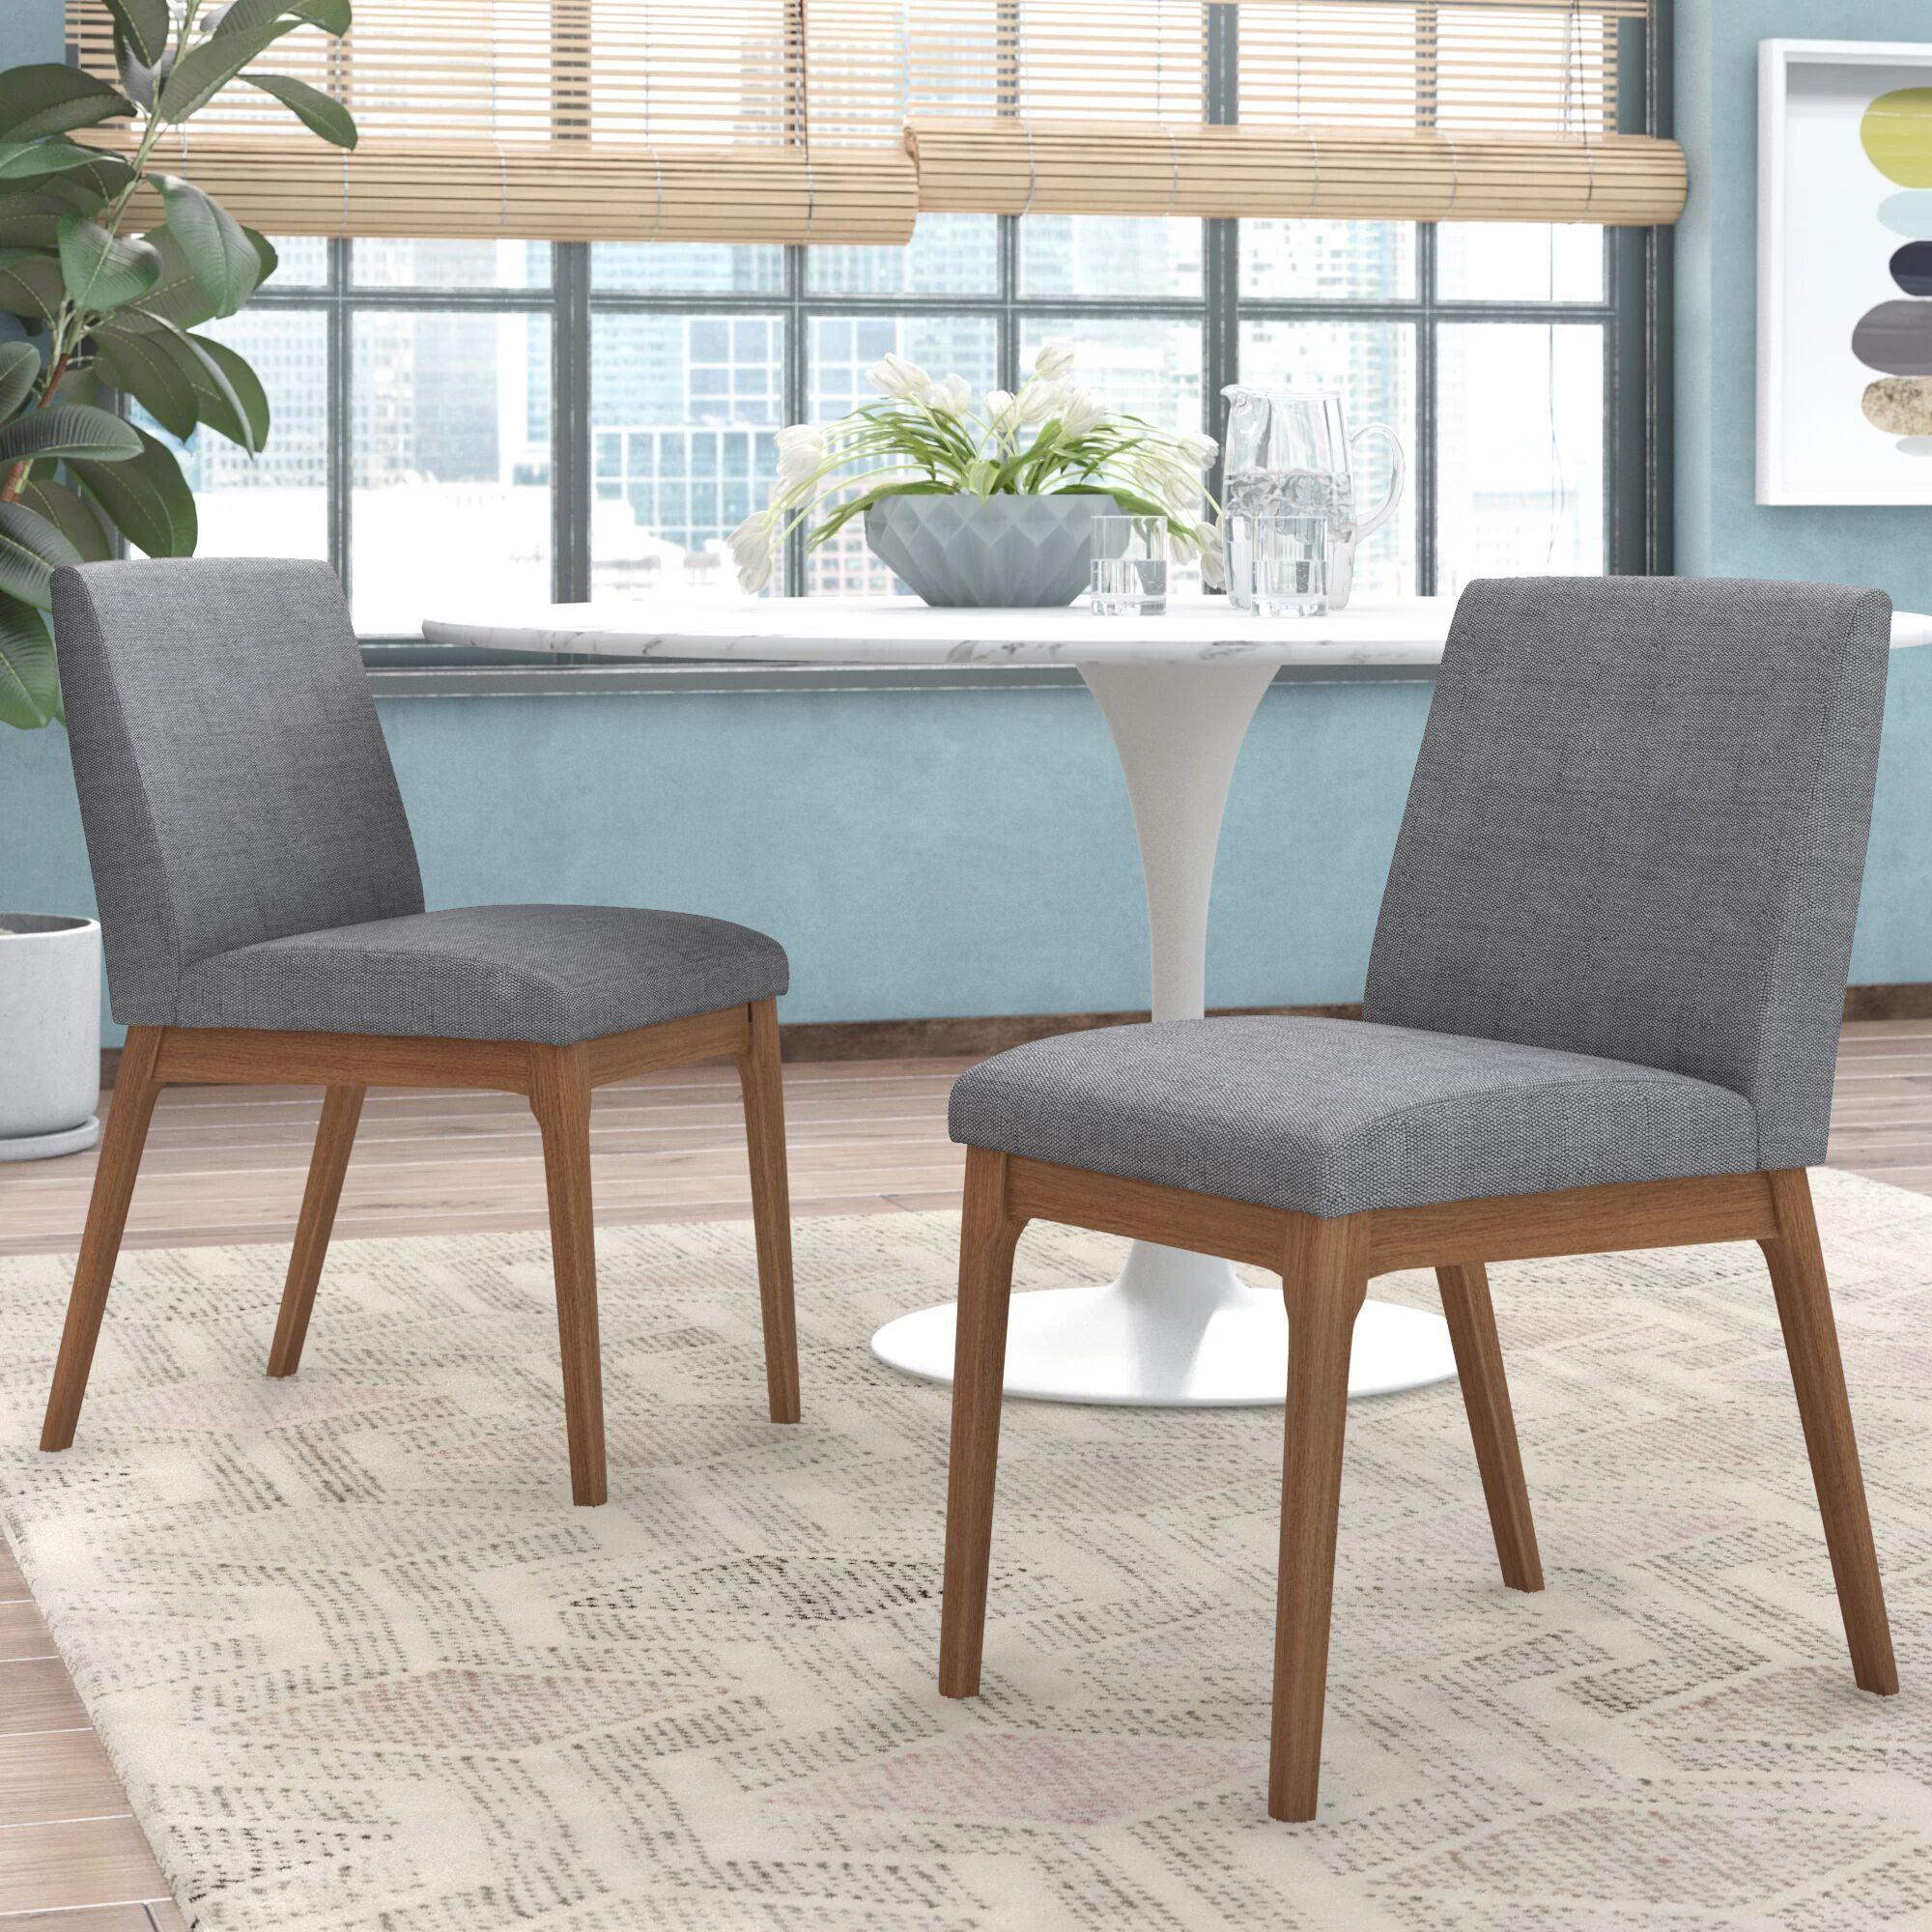 Alden Side Chair Upholstery Color: Light Beige, Color: Natural Walnut